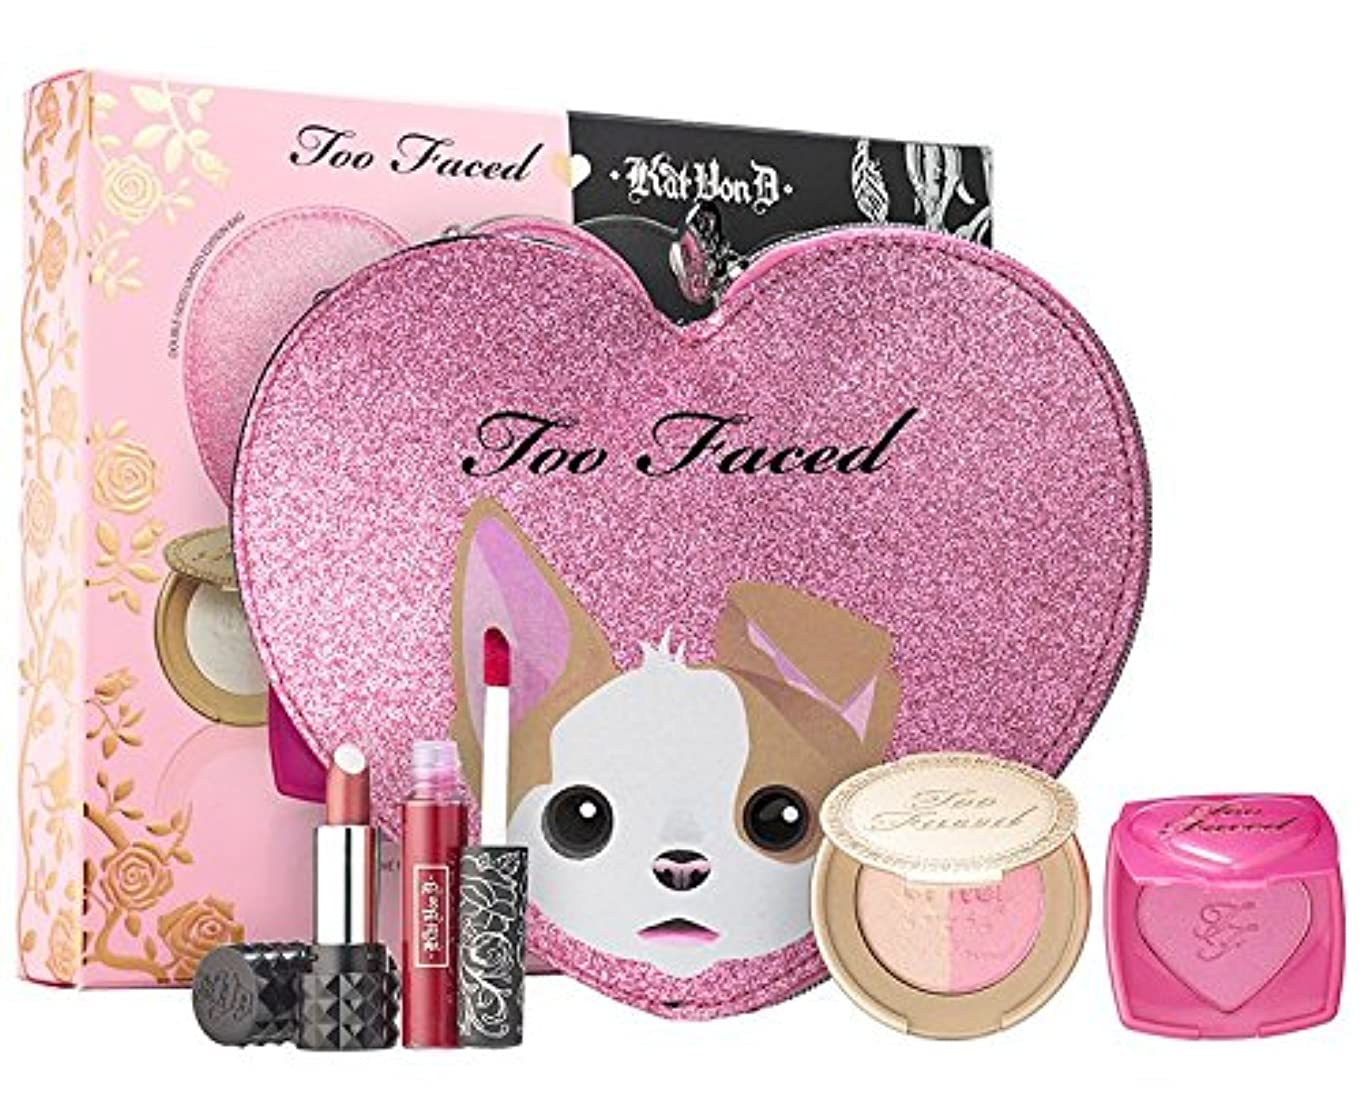 スクラブキャンディー現実的Too Faced x Kat Von D ~ Better Together Cheek & Lip Makeup Bag Set ~ Limited Edition